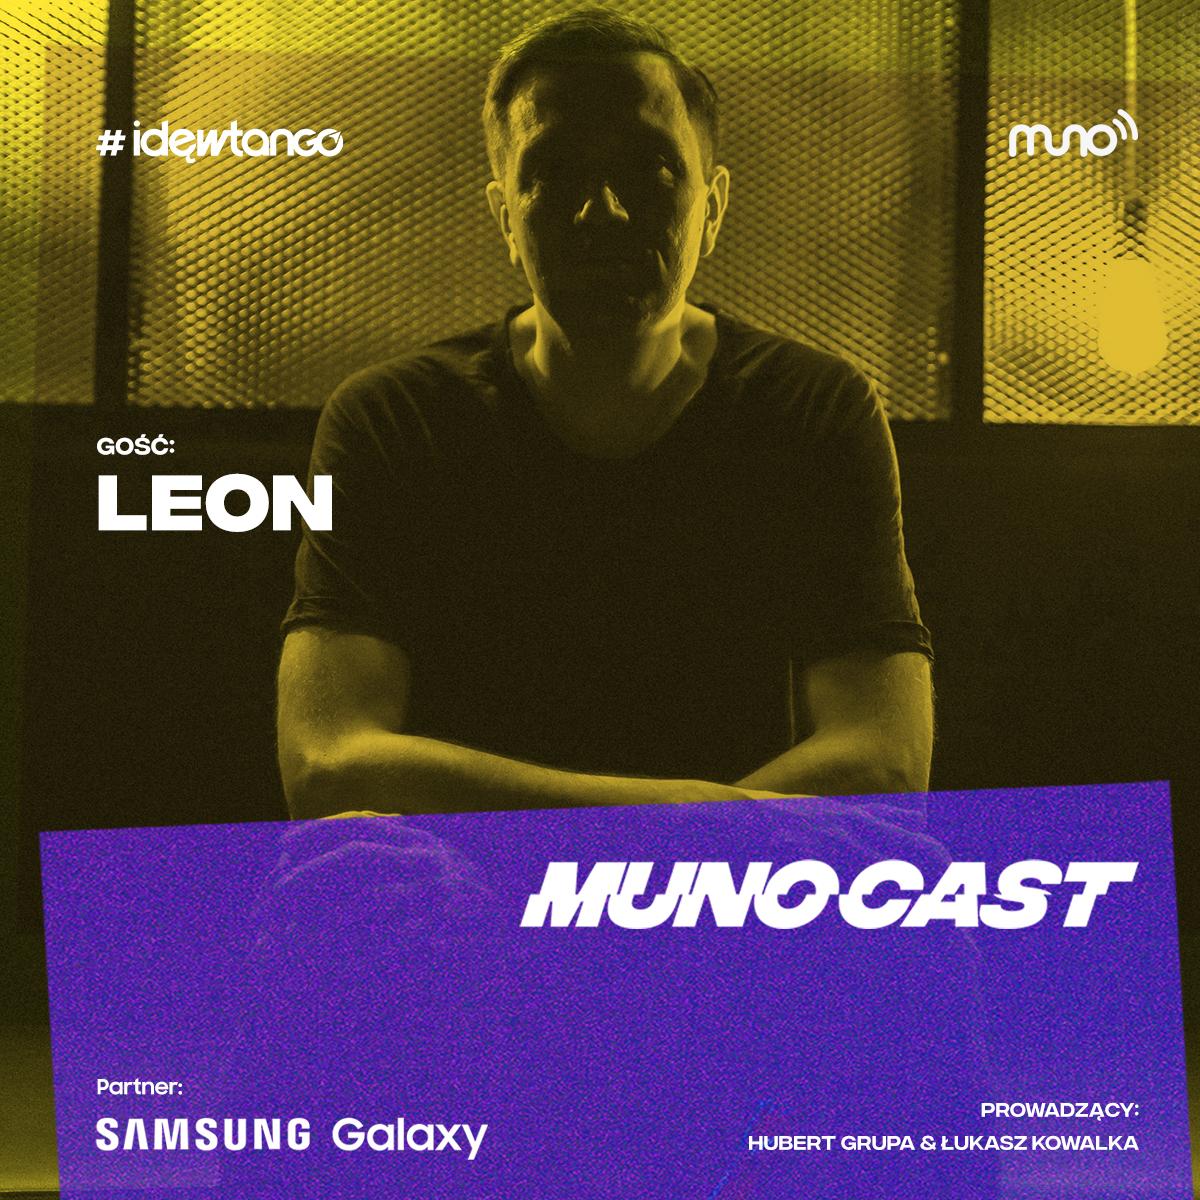 Munocast - Leon